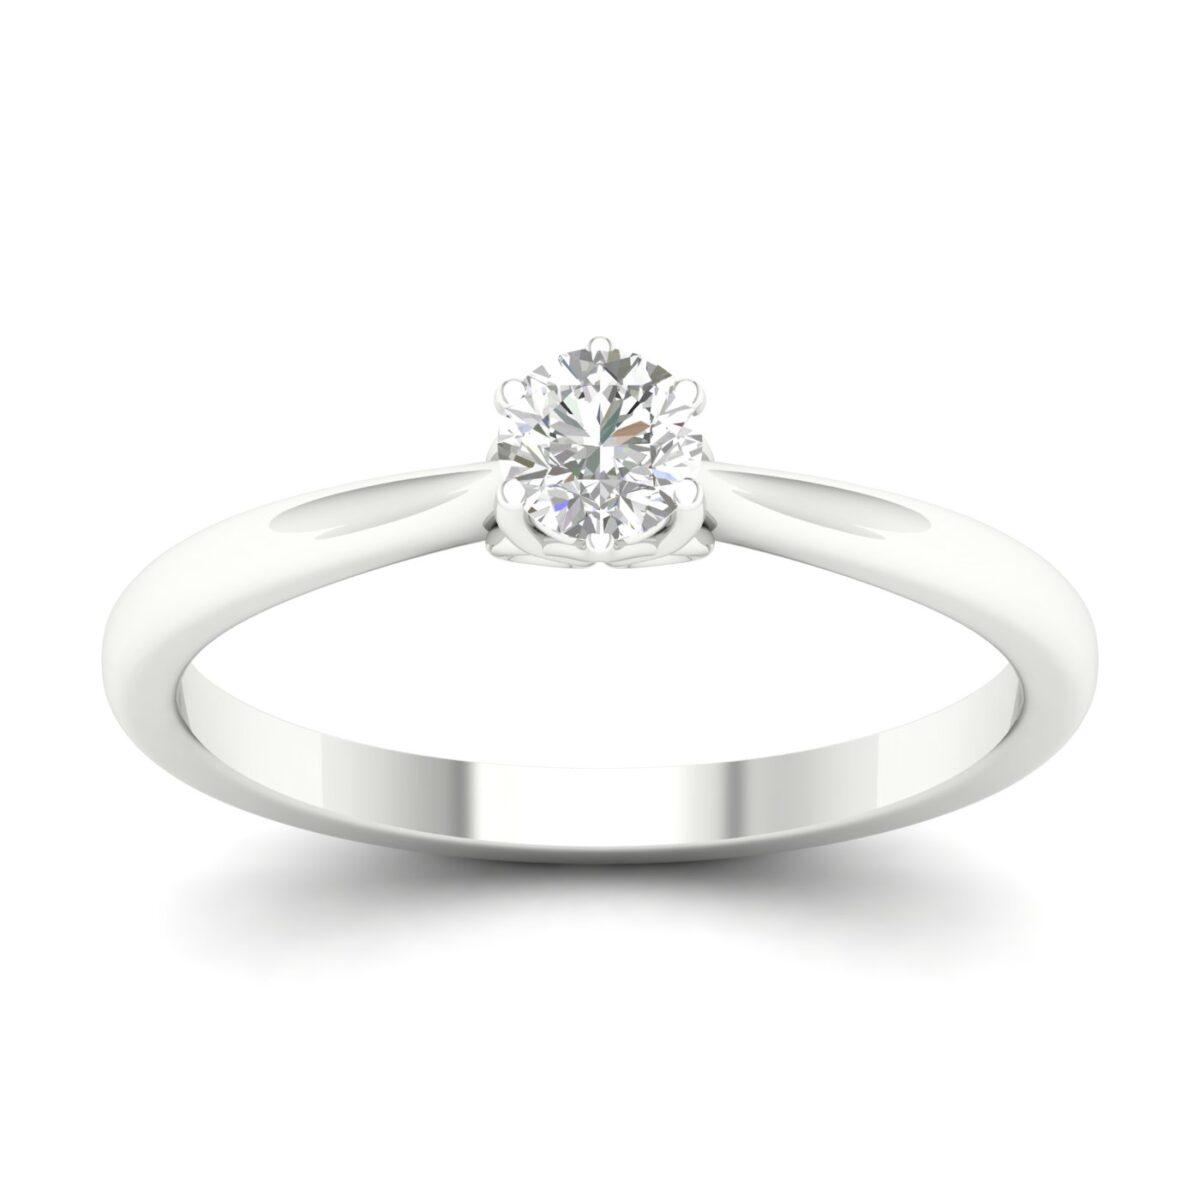 Kullast sõrmus teemantiga 0,25 ct. Kood: 83hb